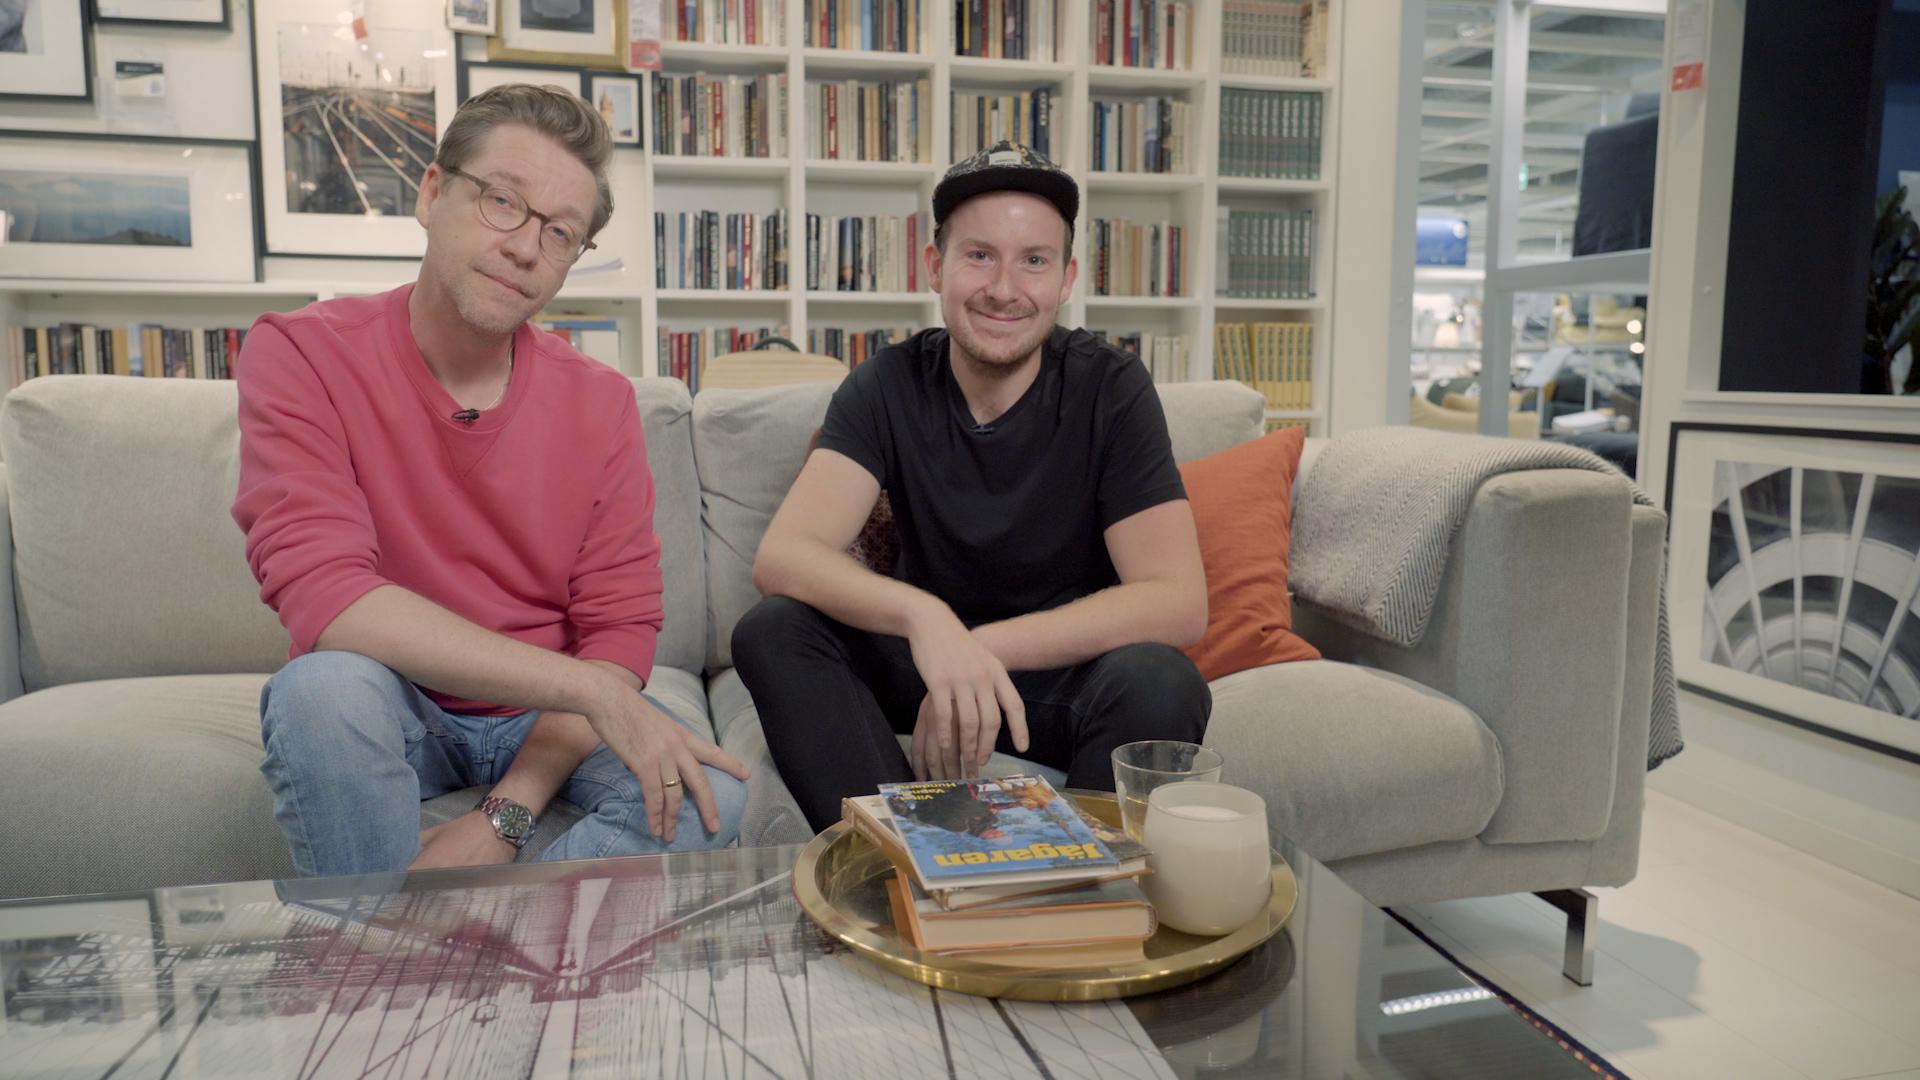 Video Marketing News: IKEA geht mit eigenem Youtube-Format in die Inspirationsoffensive